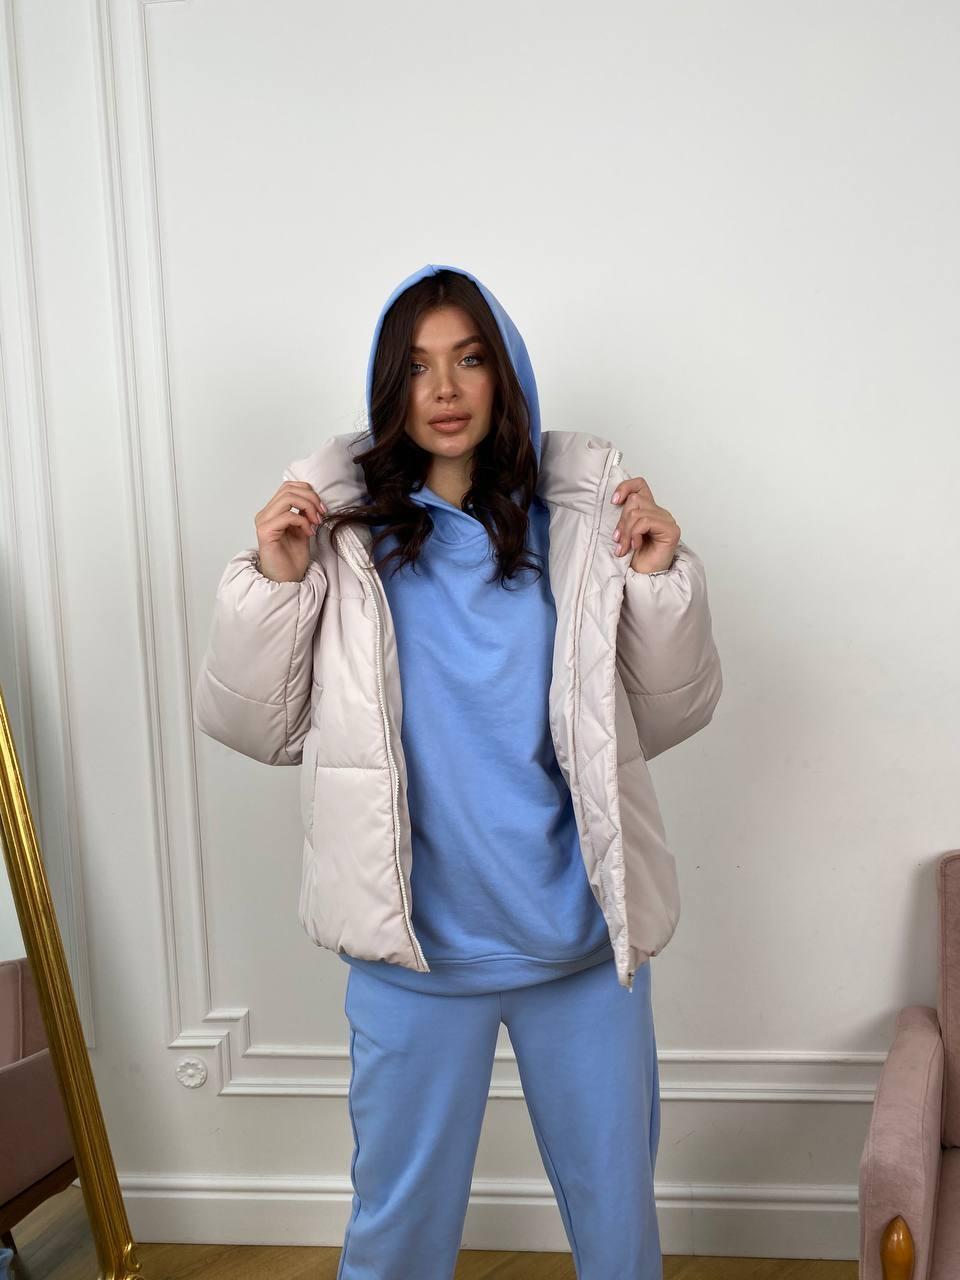 Муд куртка из плащевой ткани 10509 АРТ. 46918 Цвет: Молоко 970 - фото 1, интернет магазин tm-modus.ru